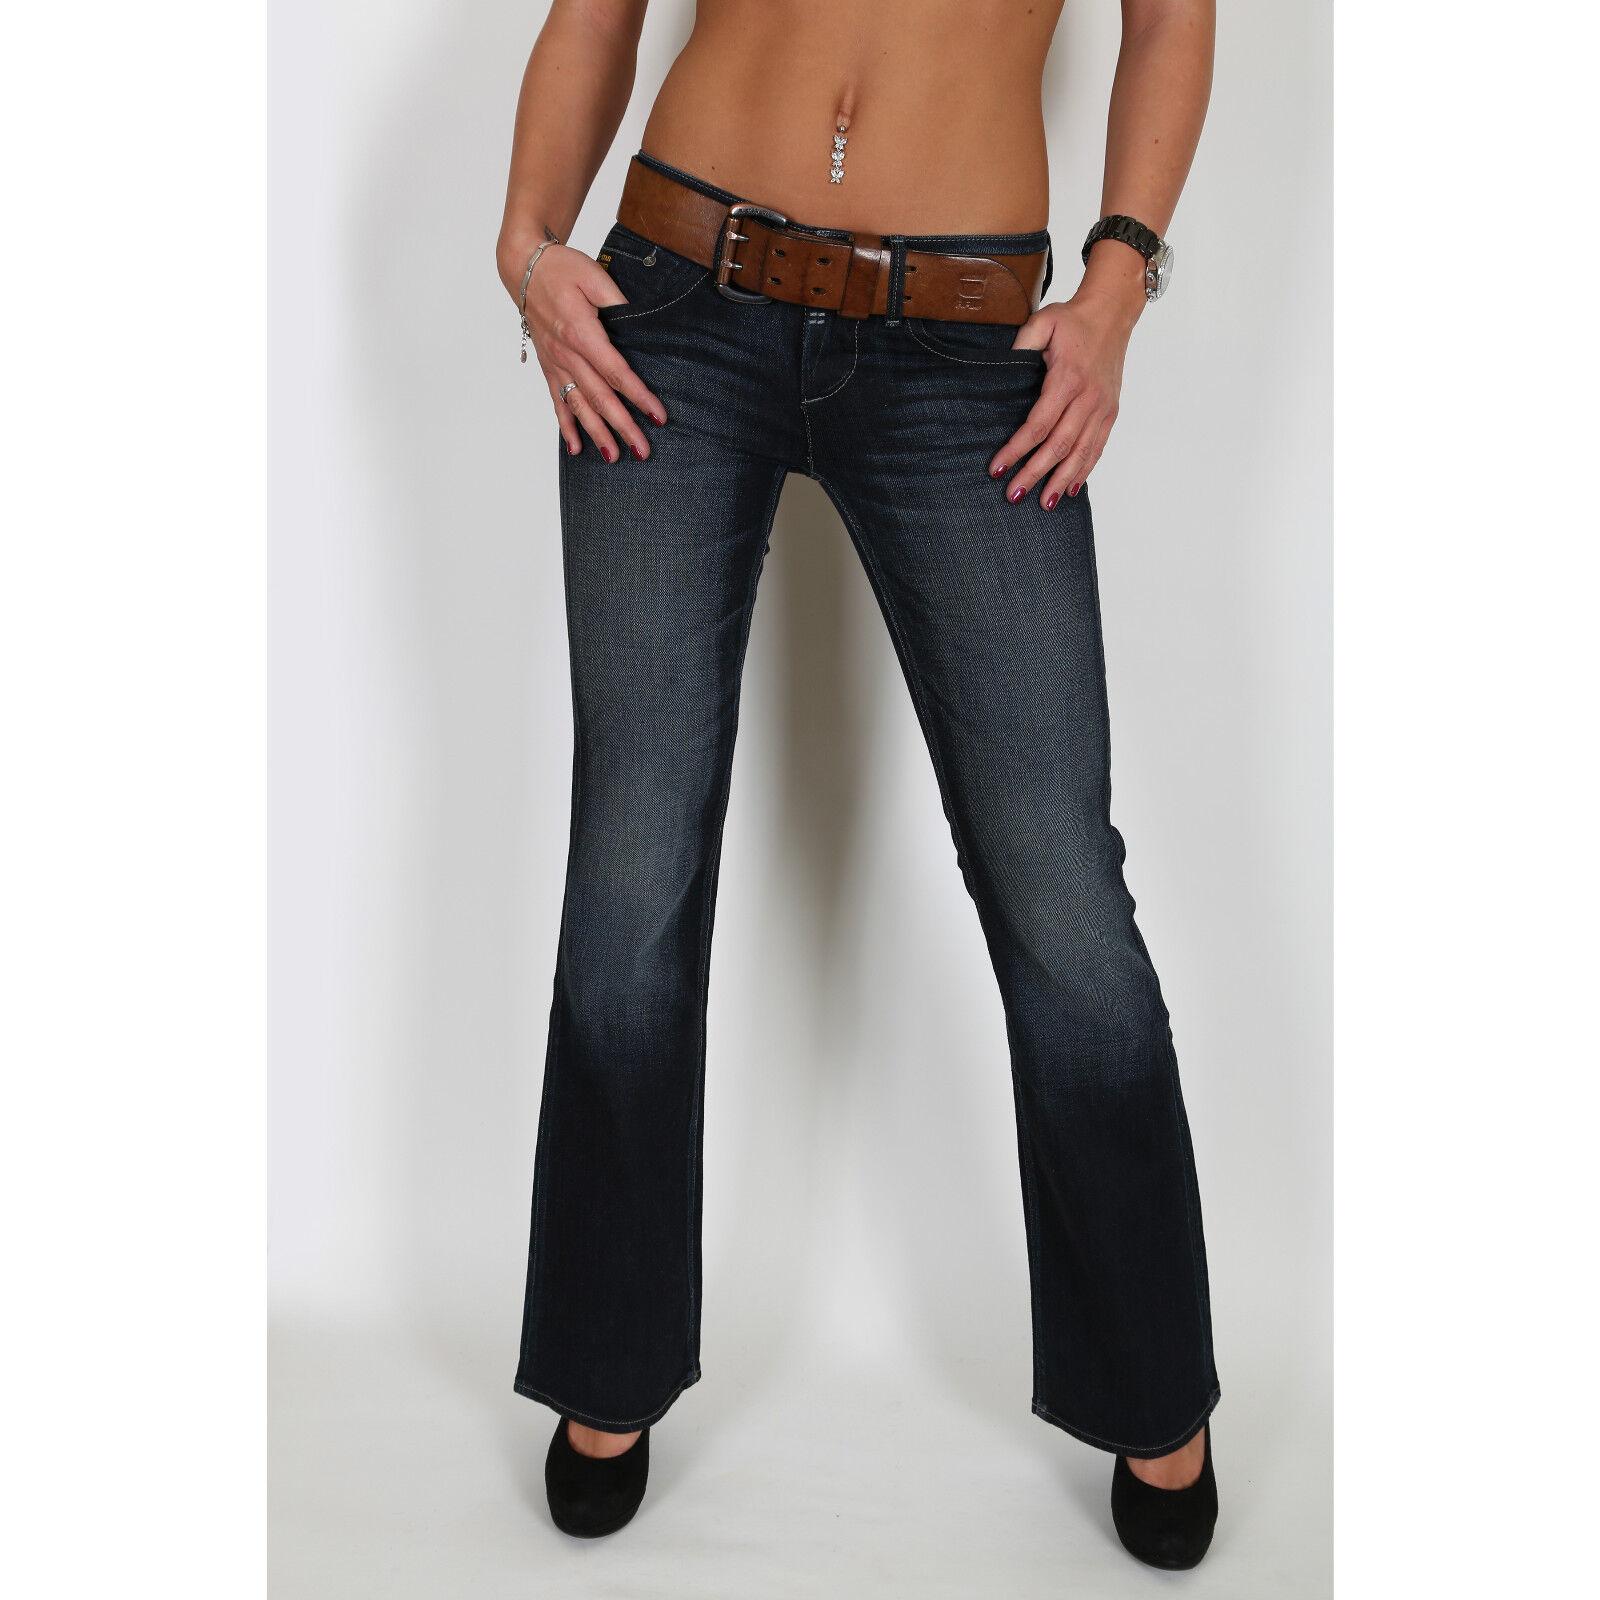 G-Star Midge Stiefelleg wmn Damen Jeans Hose Stiefelcut neu | | | Treten Sie ein in die Welt der Spielzeuge und finden Sie eine Quelle des Glücks  | Up-to-date-styling  | Up-to-date Styling  | Zu einem erschwinglichen Preis  | Die erste Reihe von umfassen 1849c4